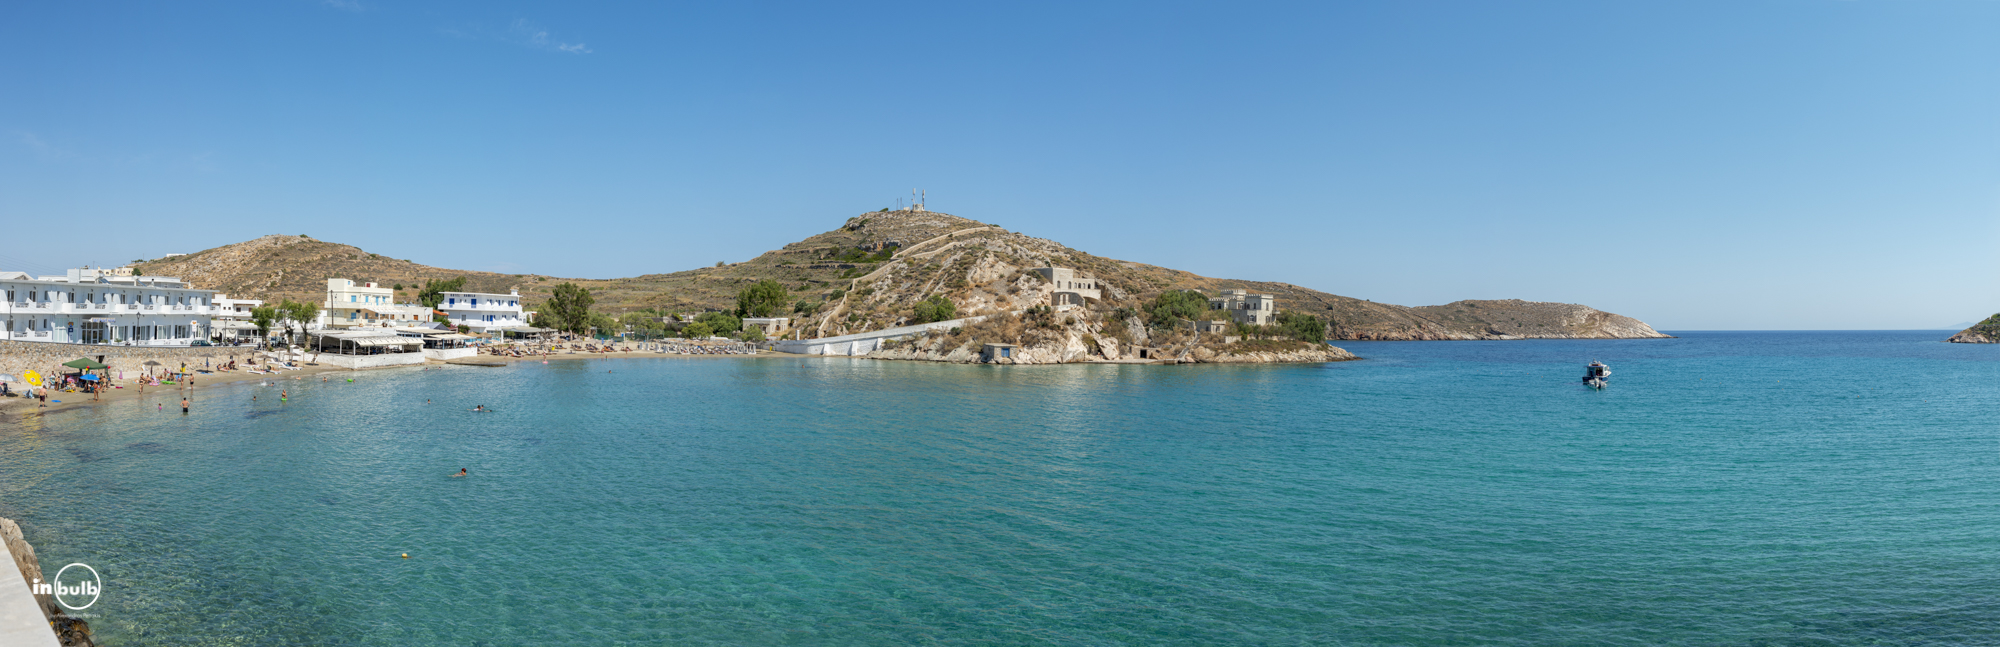 Vari_Beach_Panorama-1